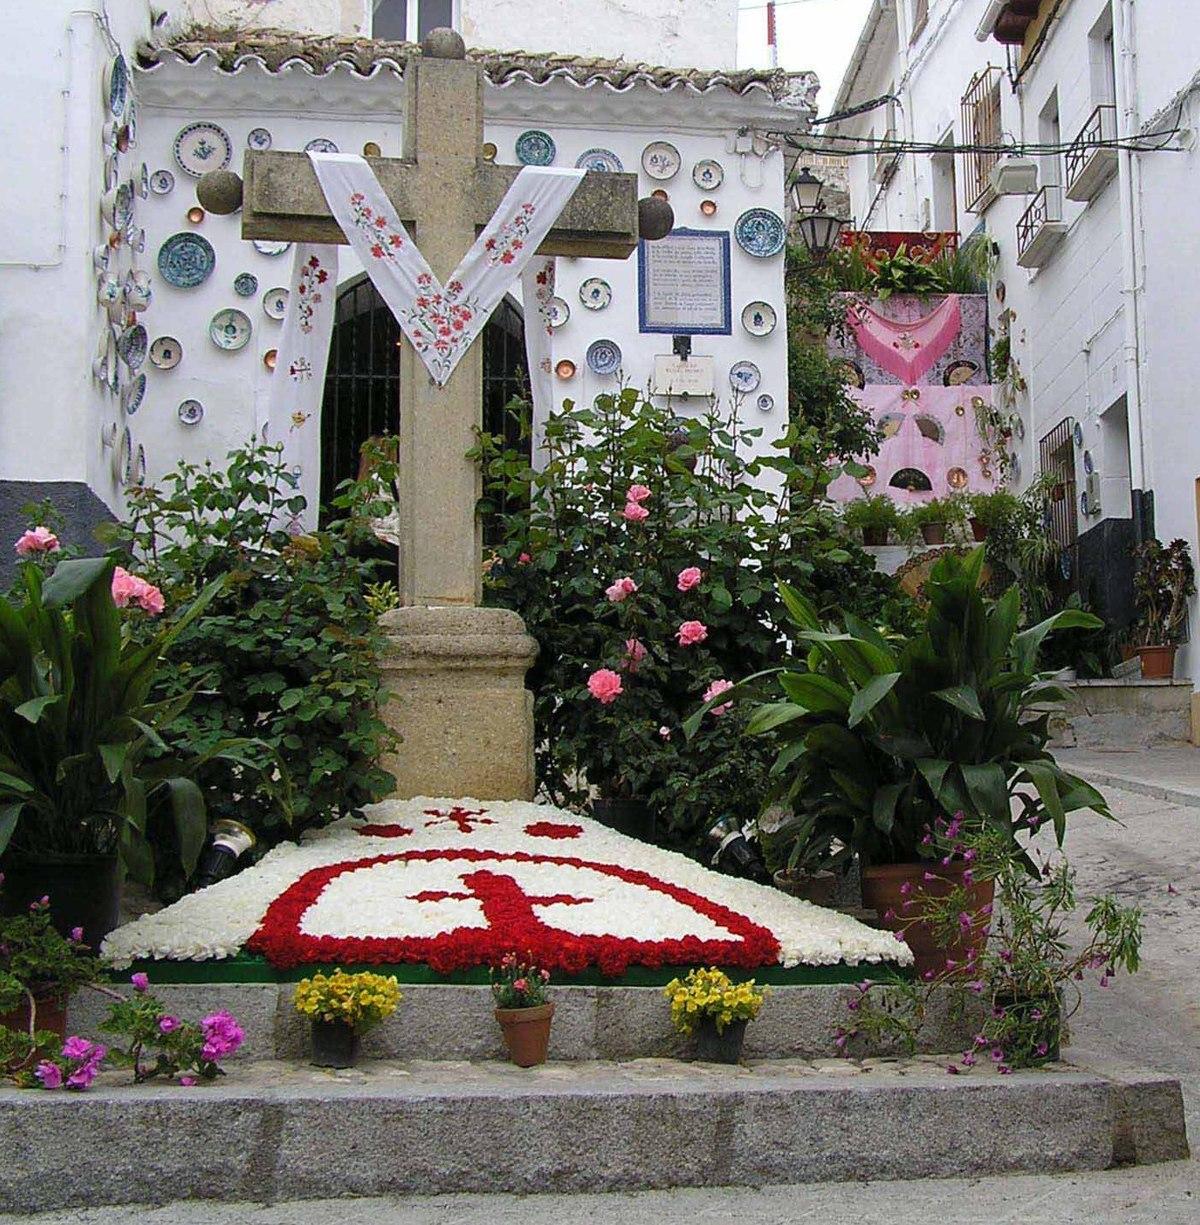 Fiesta de las cruces wikipedia for Decoracion 10 de mayo